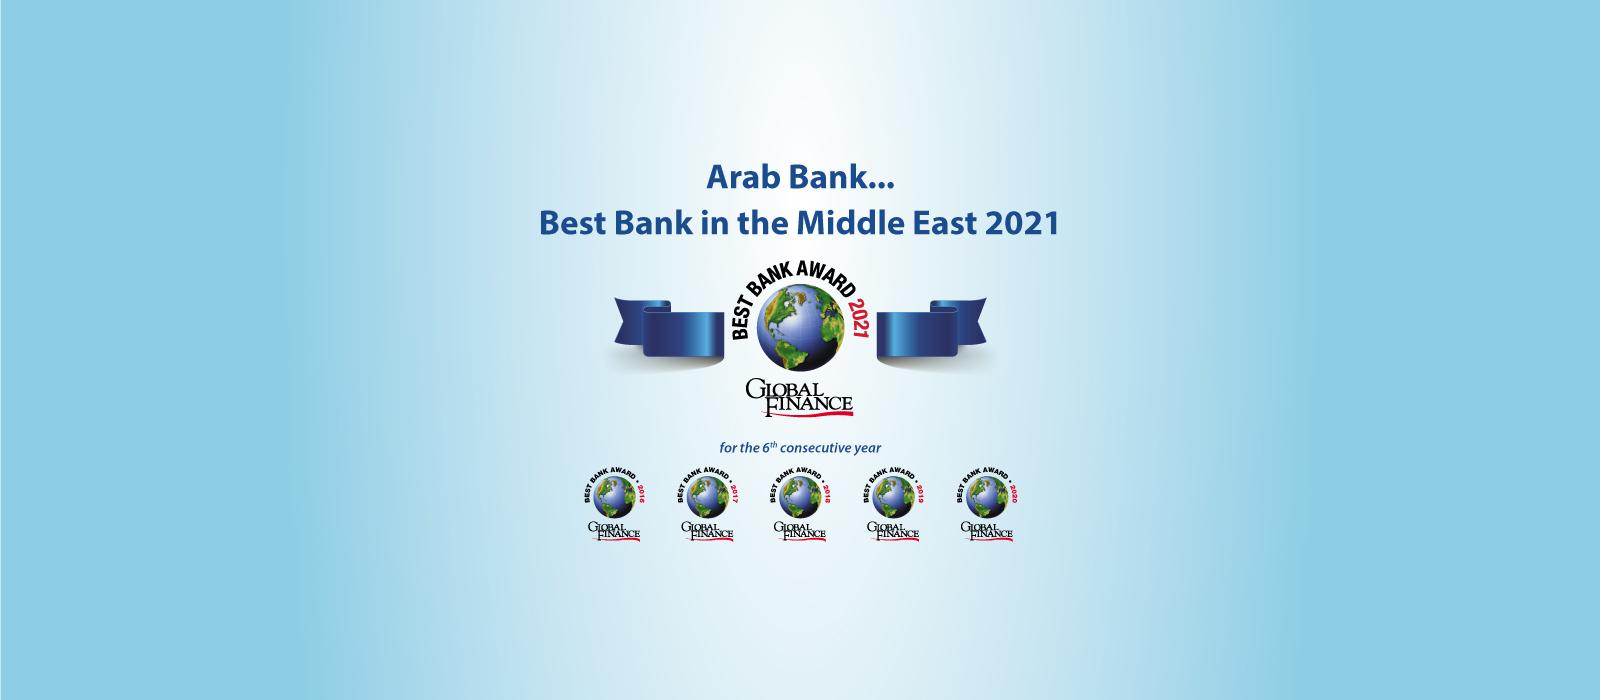 bestbankaward2021_en